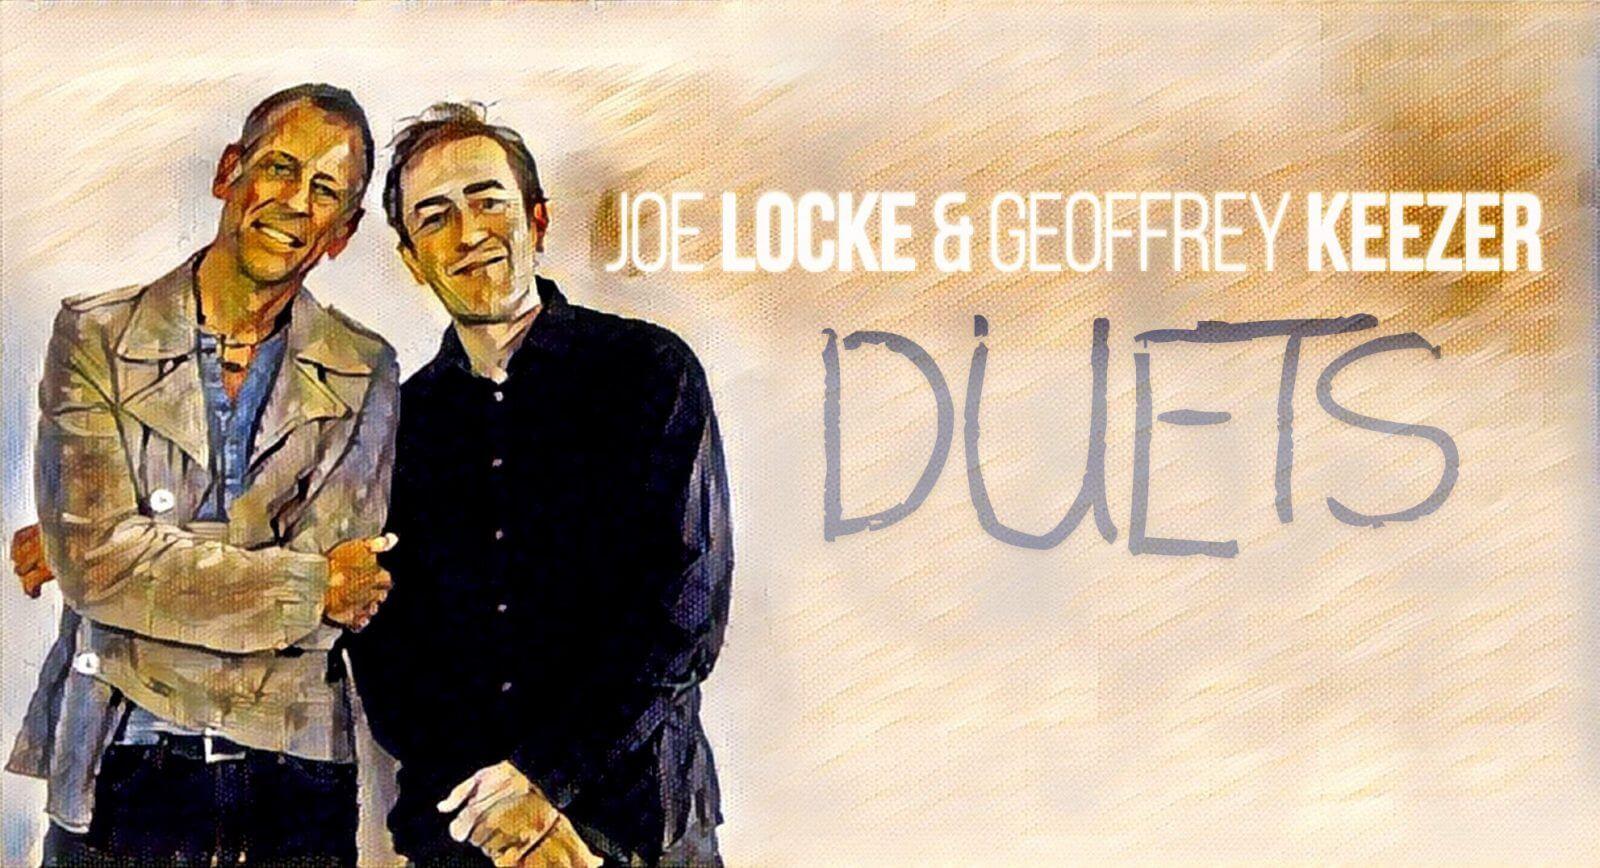 Joe Locke & Geoffrey Keezer Duets